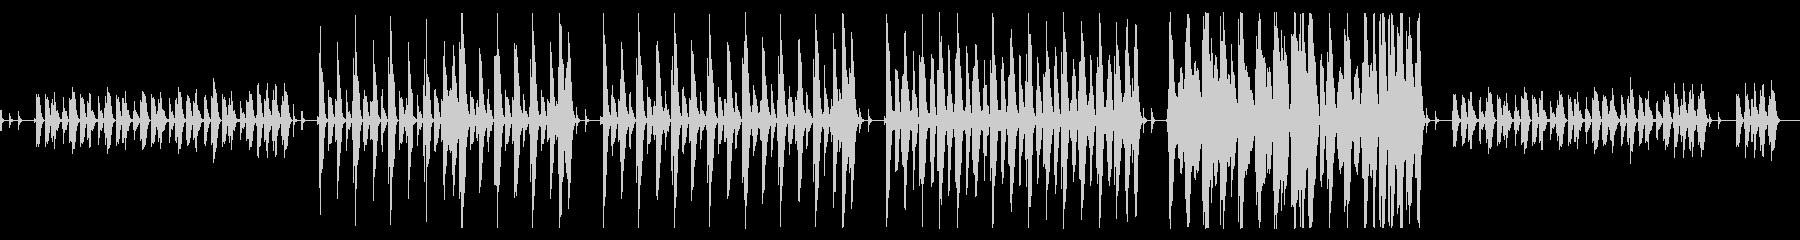 温かみのあるコンセプトムービー用BGMの未再生の波形